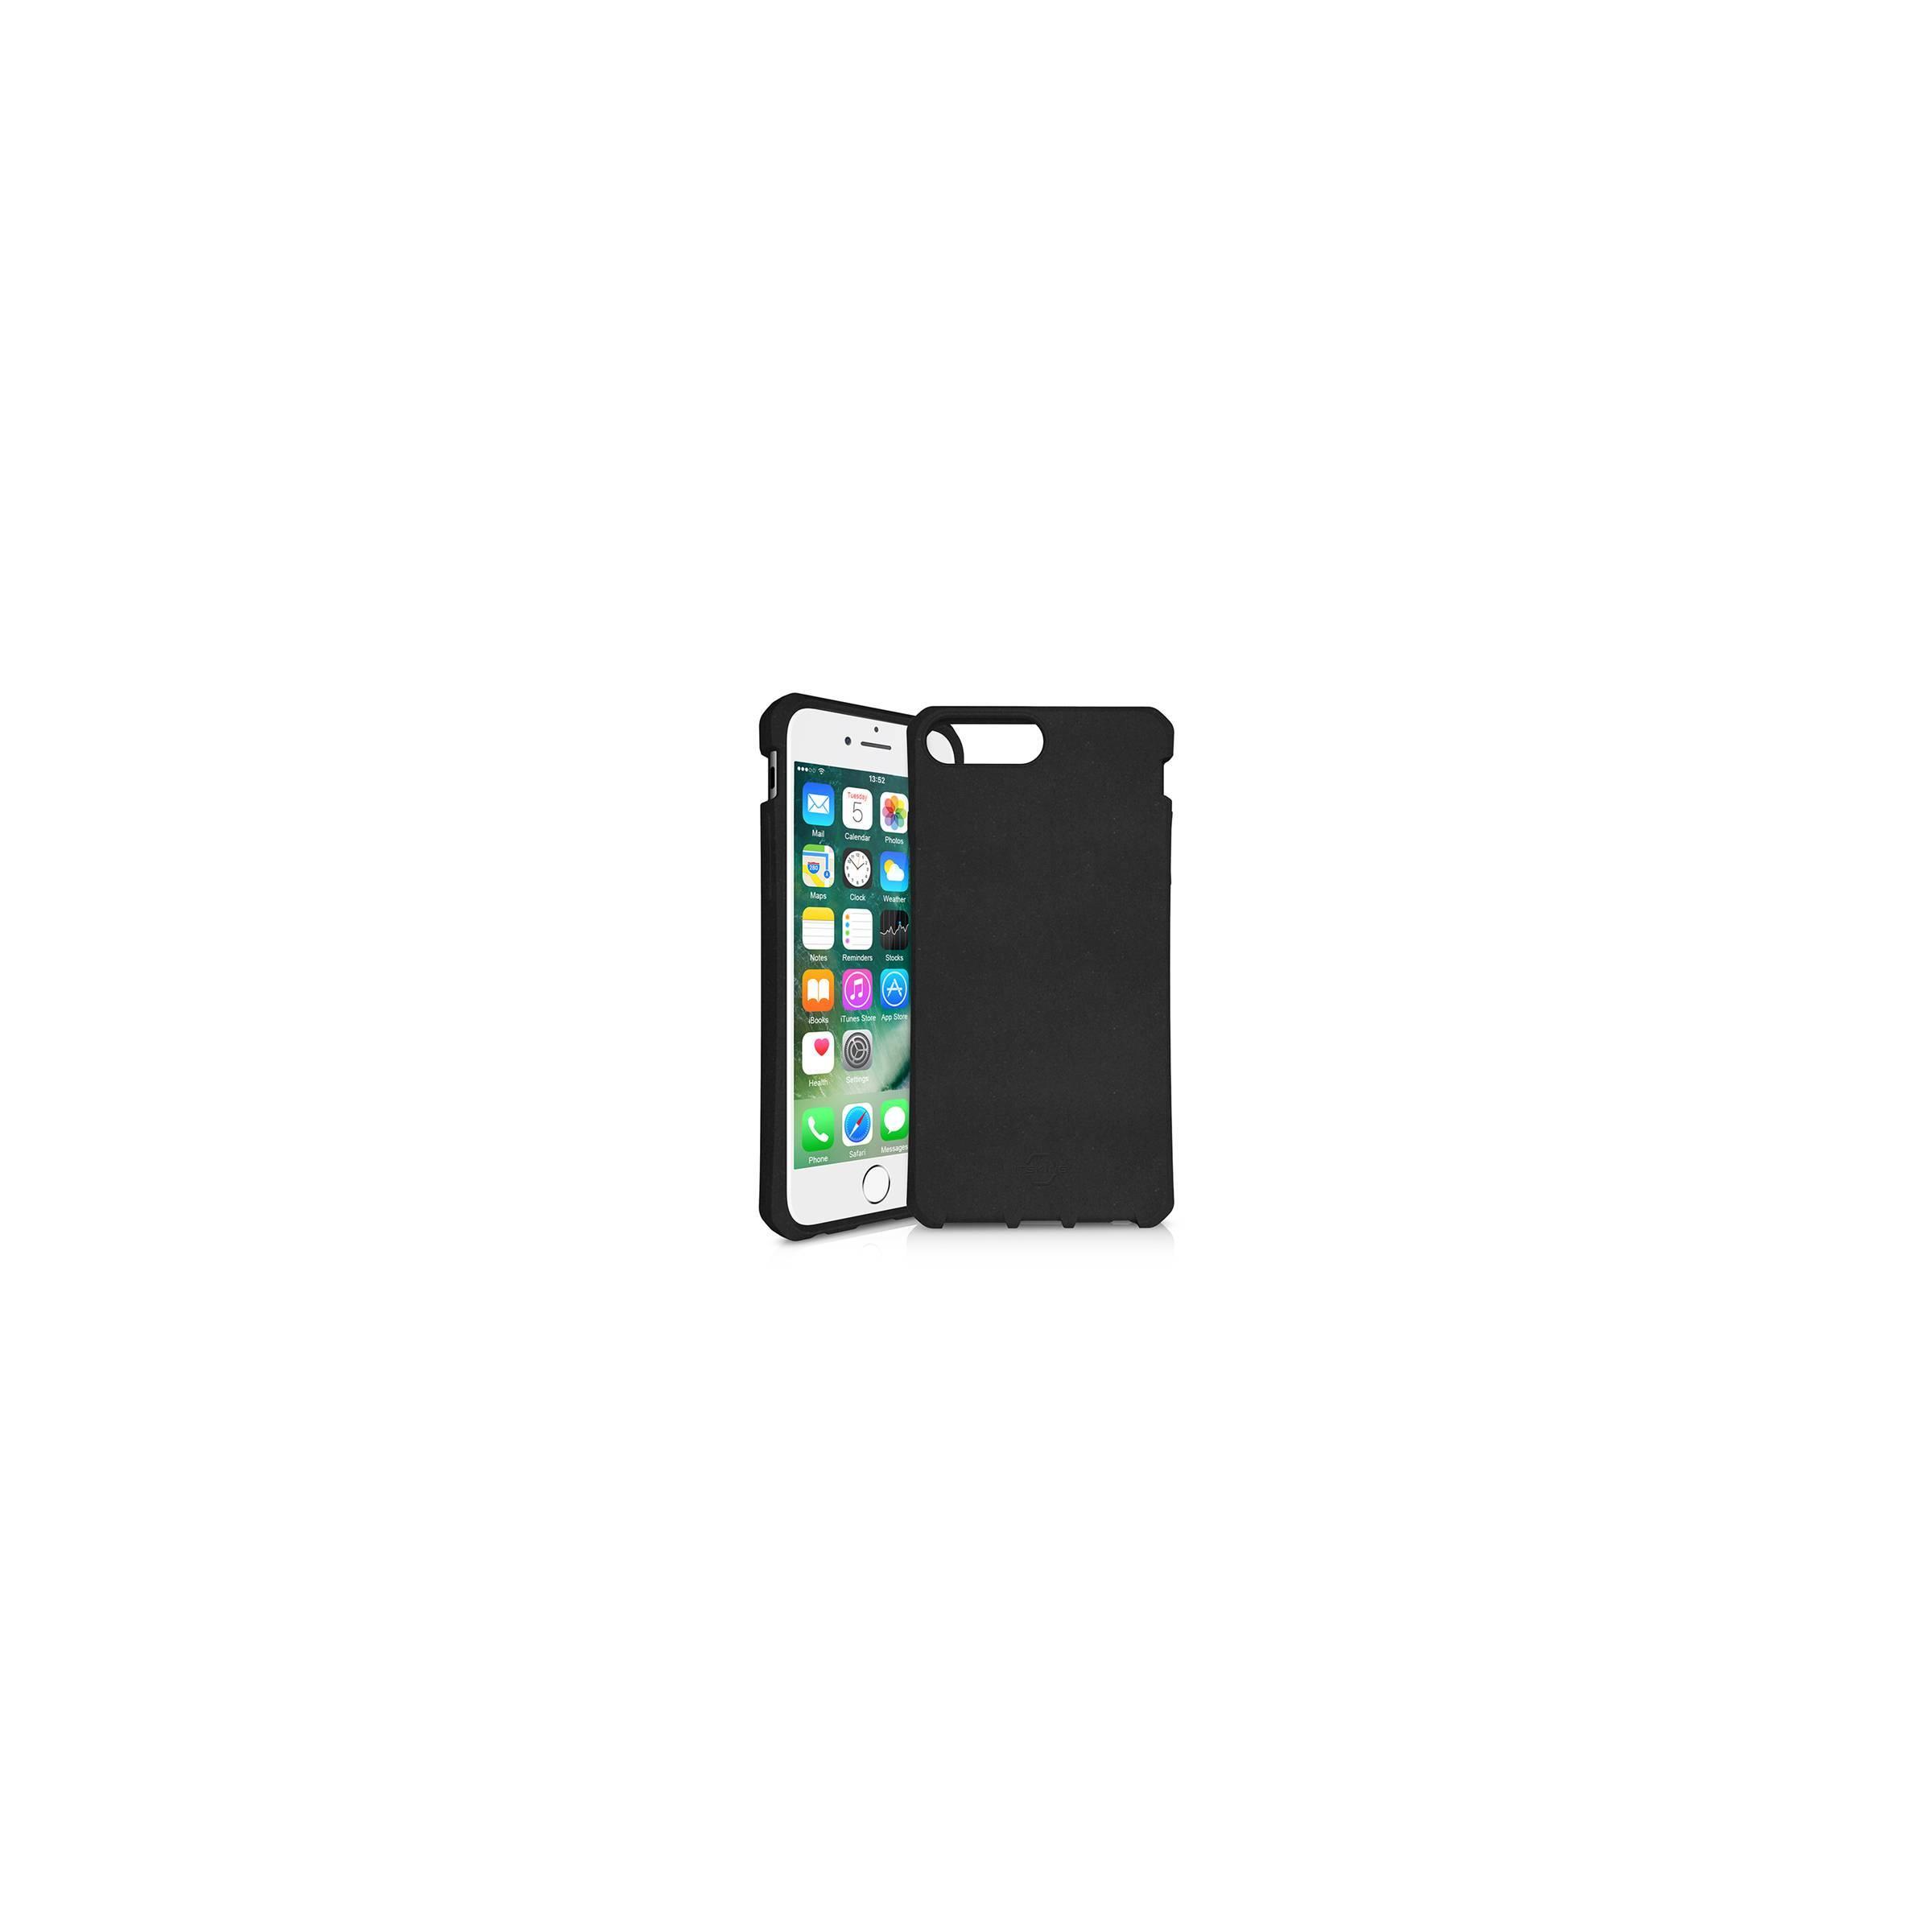 itskins Feroniabio bionedbrydeligt iphone 6/6s/7/8 cover sort fra itskins på mackabler.dk